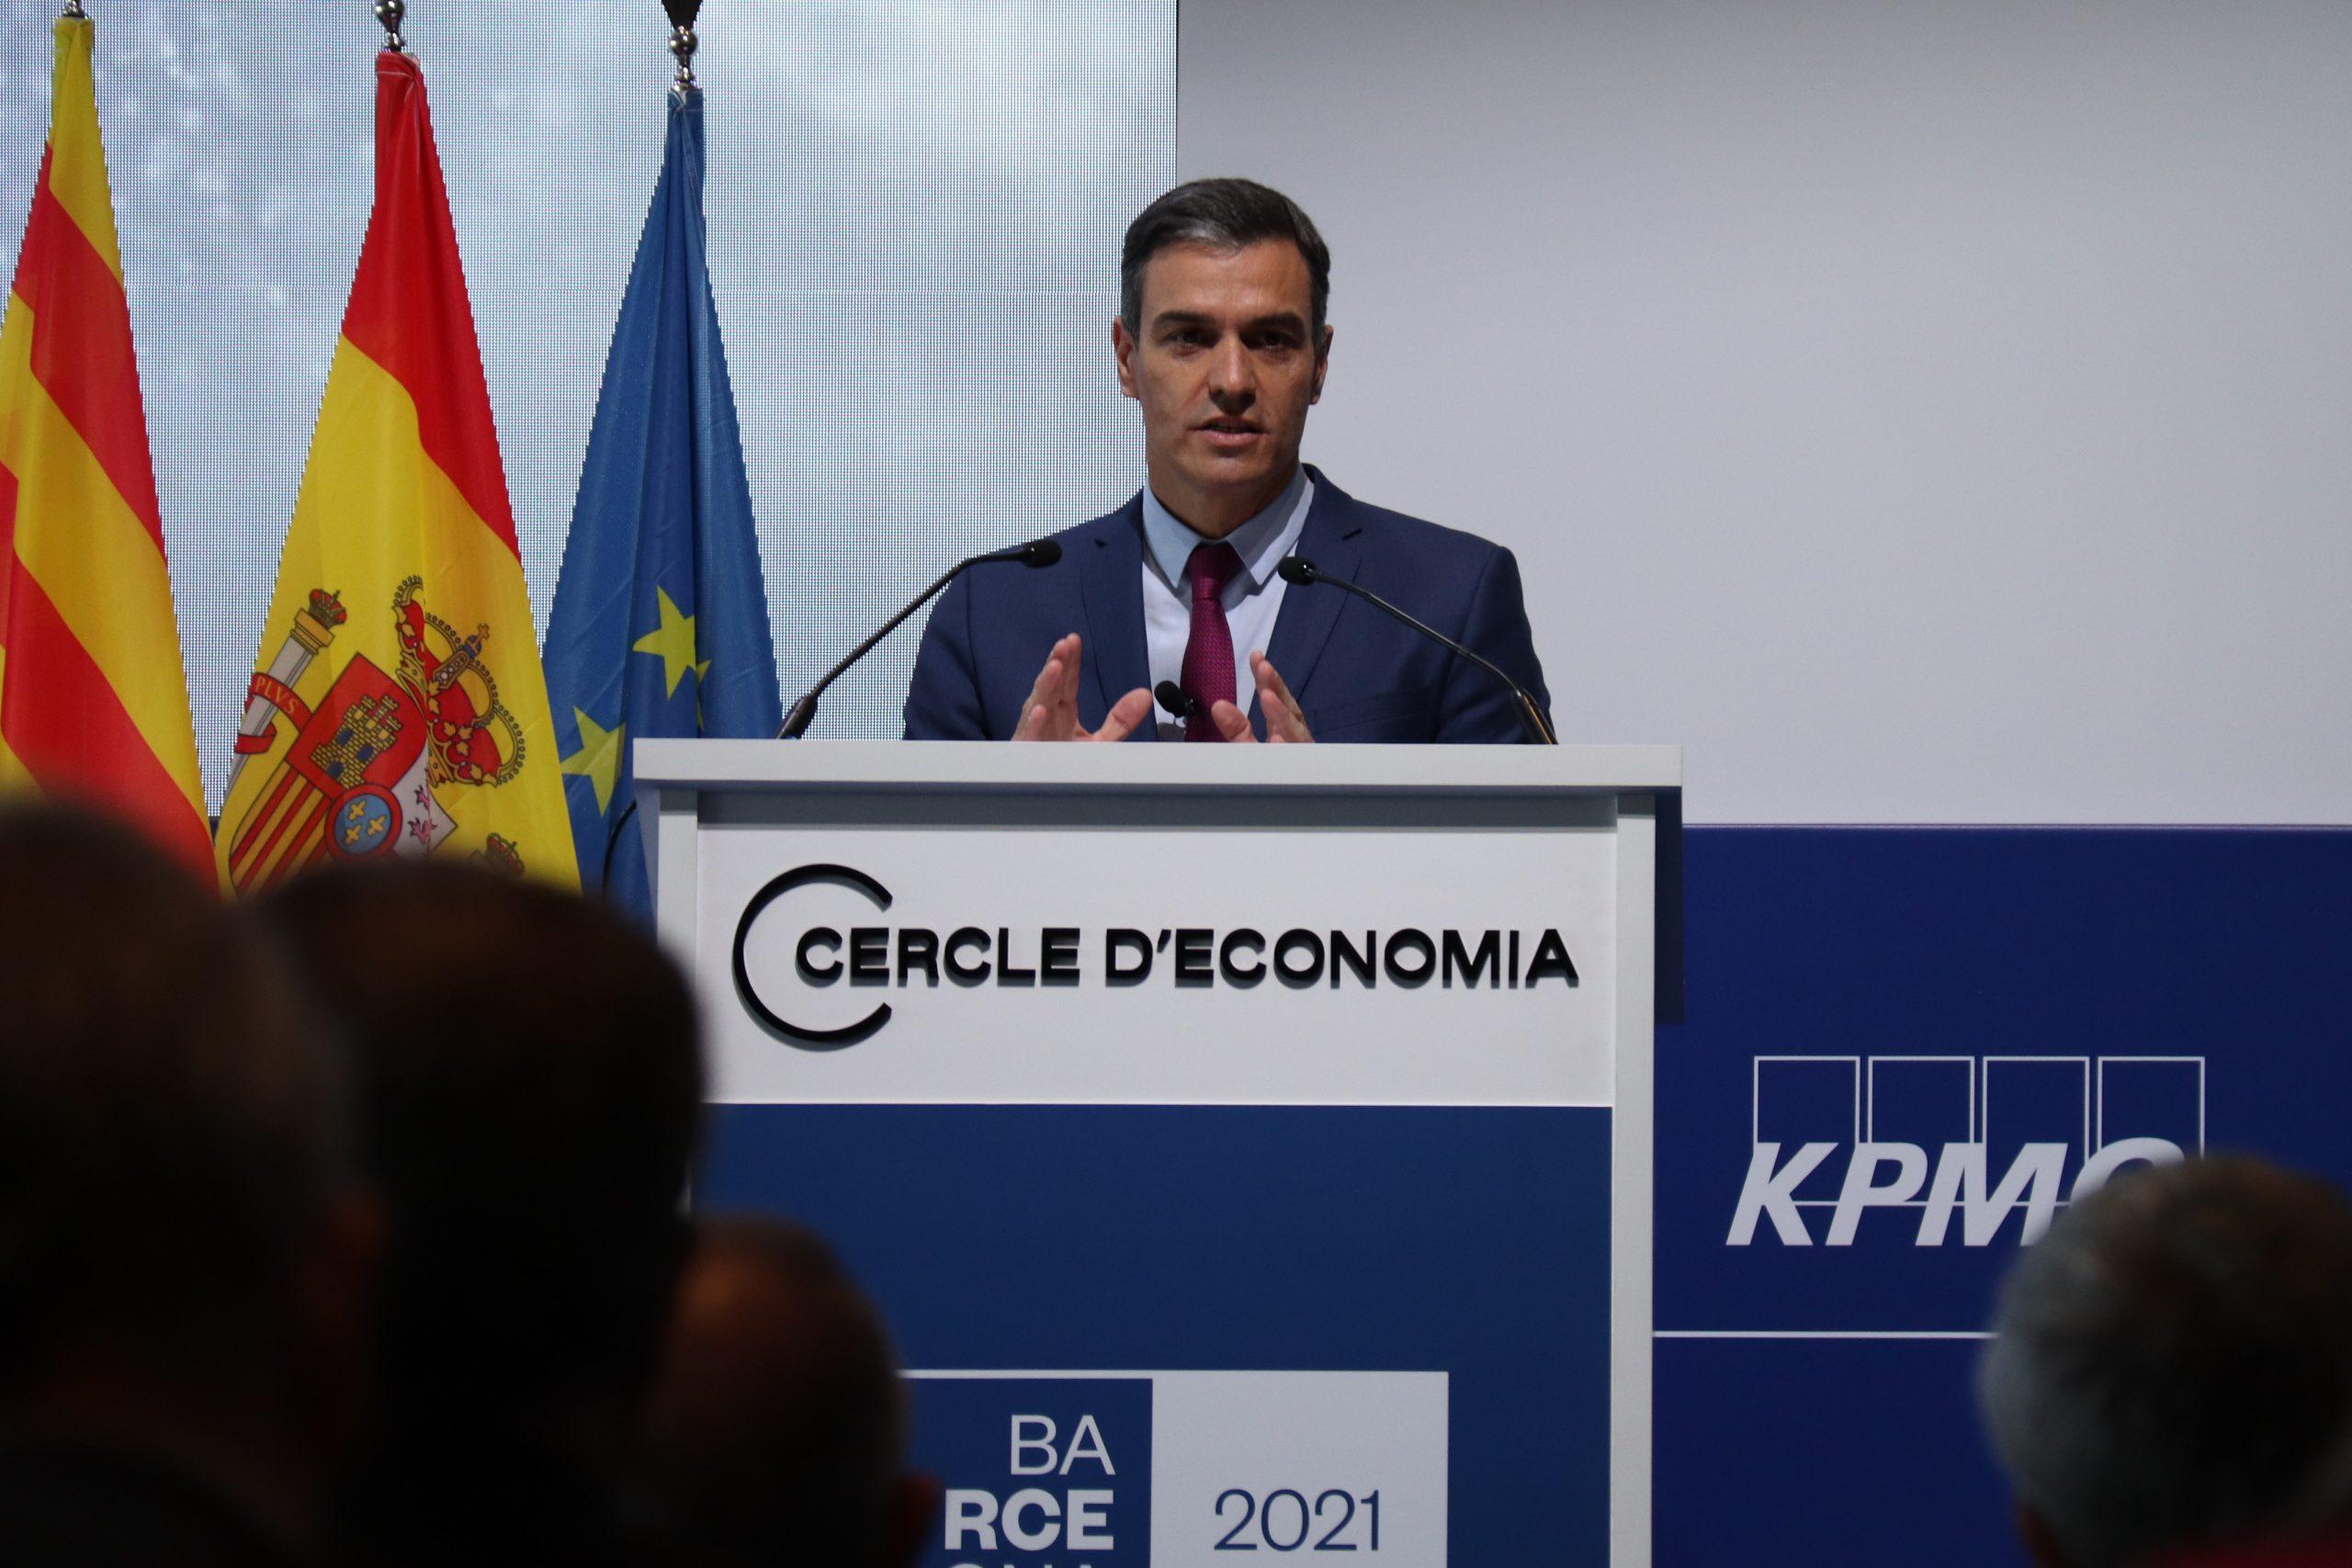 El govern espanyol, Pedro Sánchez, en una intervenció al Cercle d'Economia / ACN